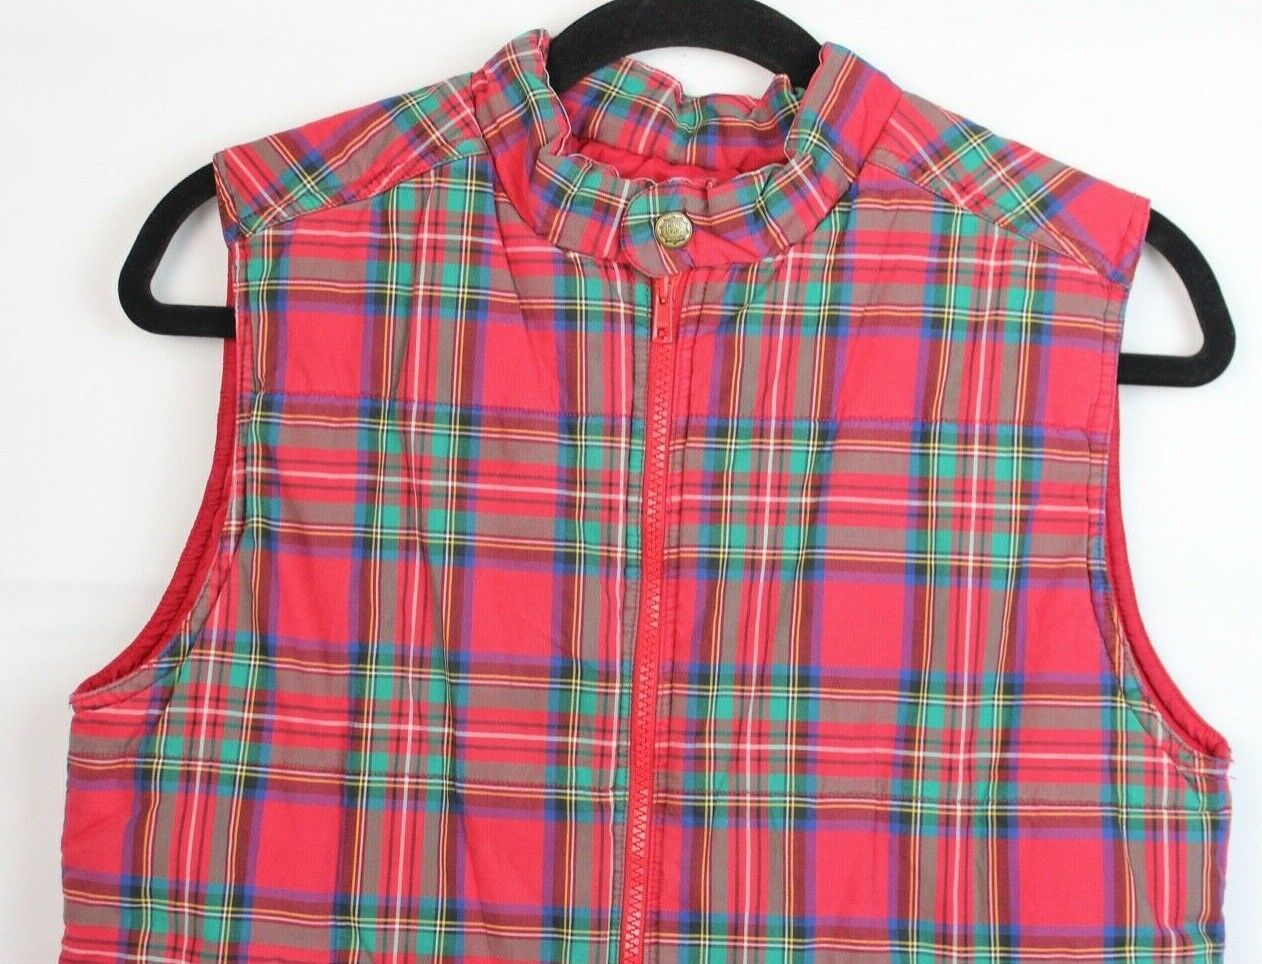 Gap kids outdoor classic youth kids vest Alpine model plaid cotton size L